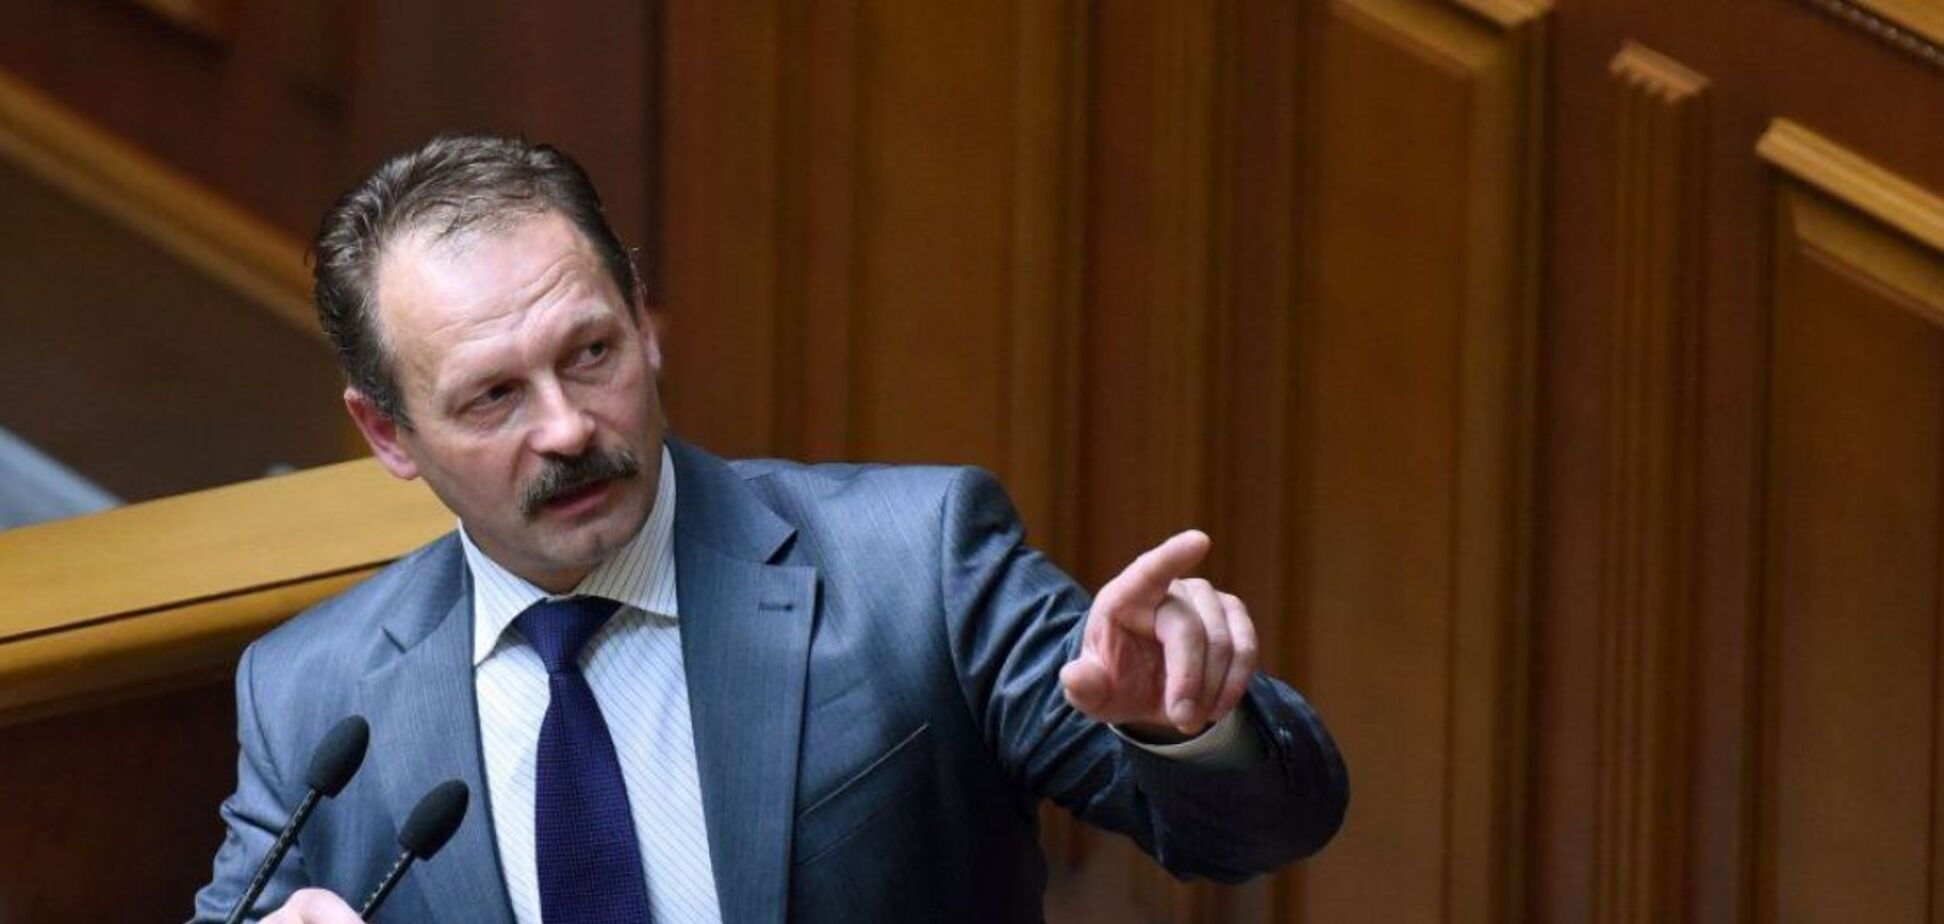 'Украинские гн*ды': озвучено радикальное предложение по соратникам Саакашвили